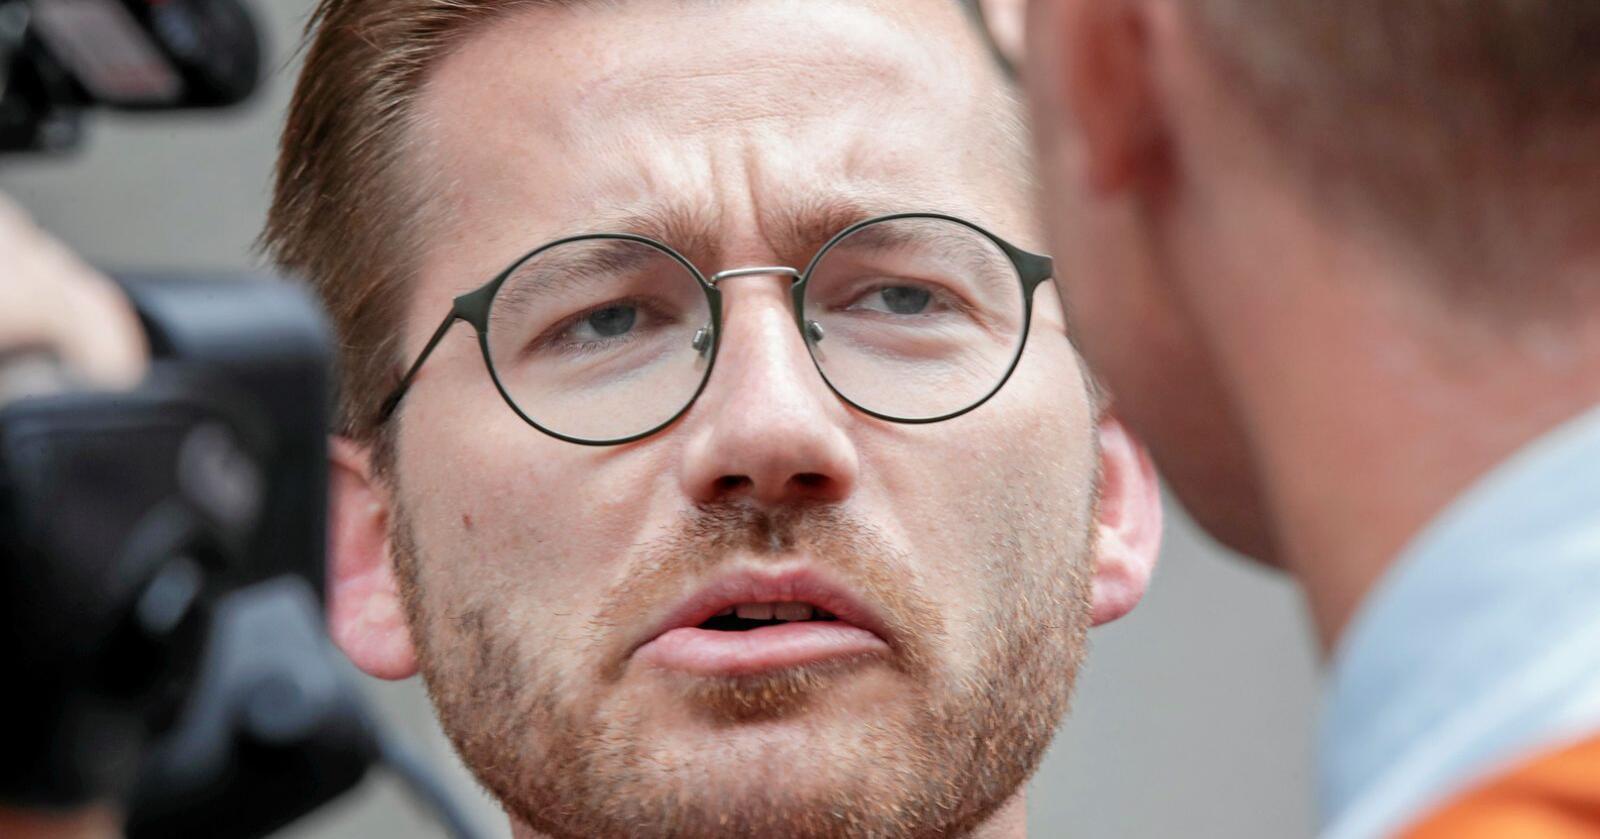 Høyre-retorikk: Sveinung Rotevatn bør holde morsomhetene sine på Venstre-kottet og spare velgerne for støyen. Foto: Vidar Ruud / NTB scanpix